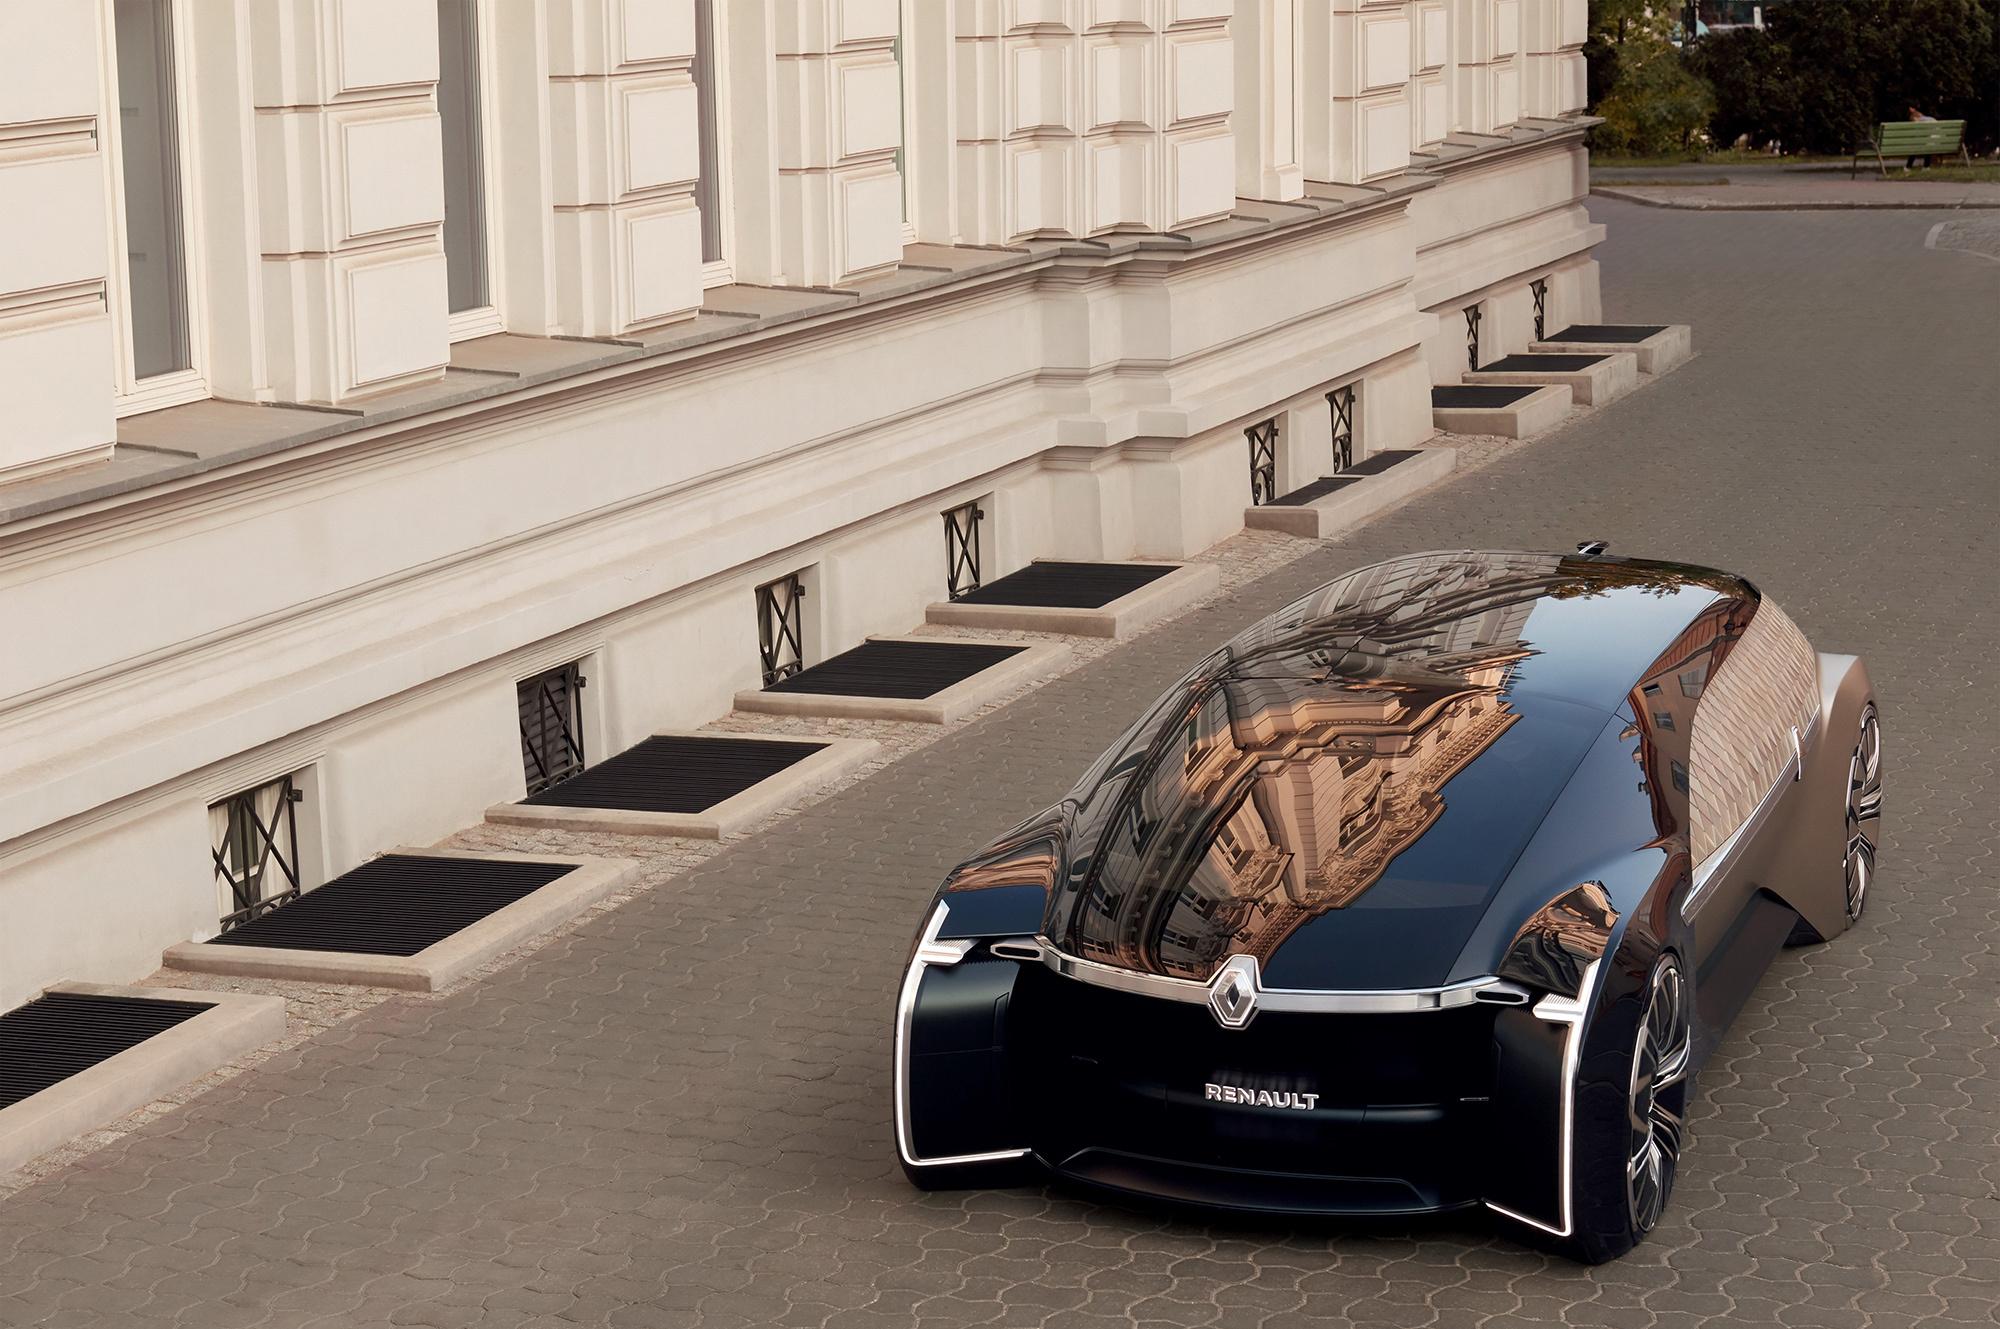 Париж 2018: Renault показала концептуальный беспилотник EZ-Ultimo